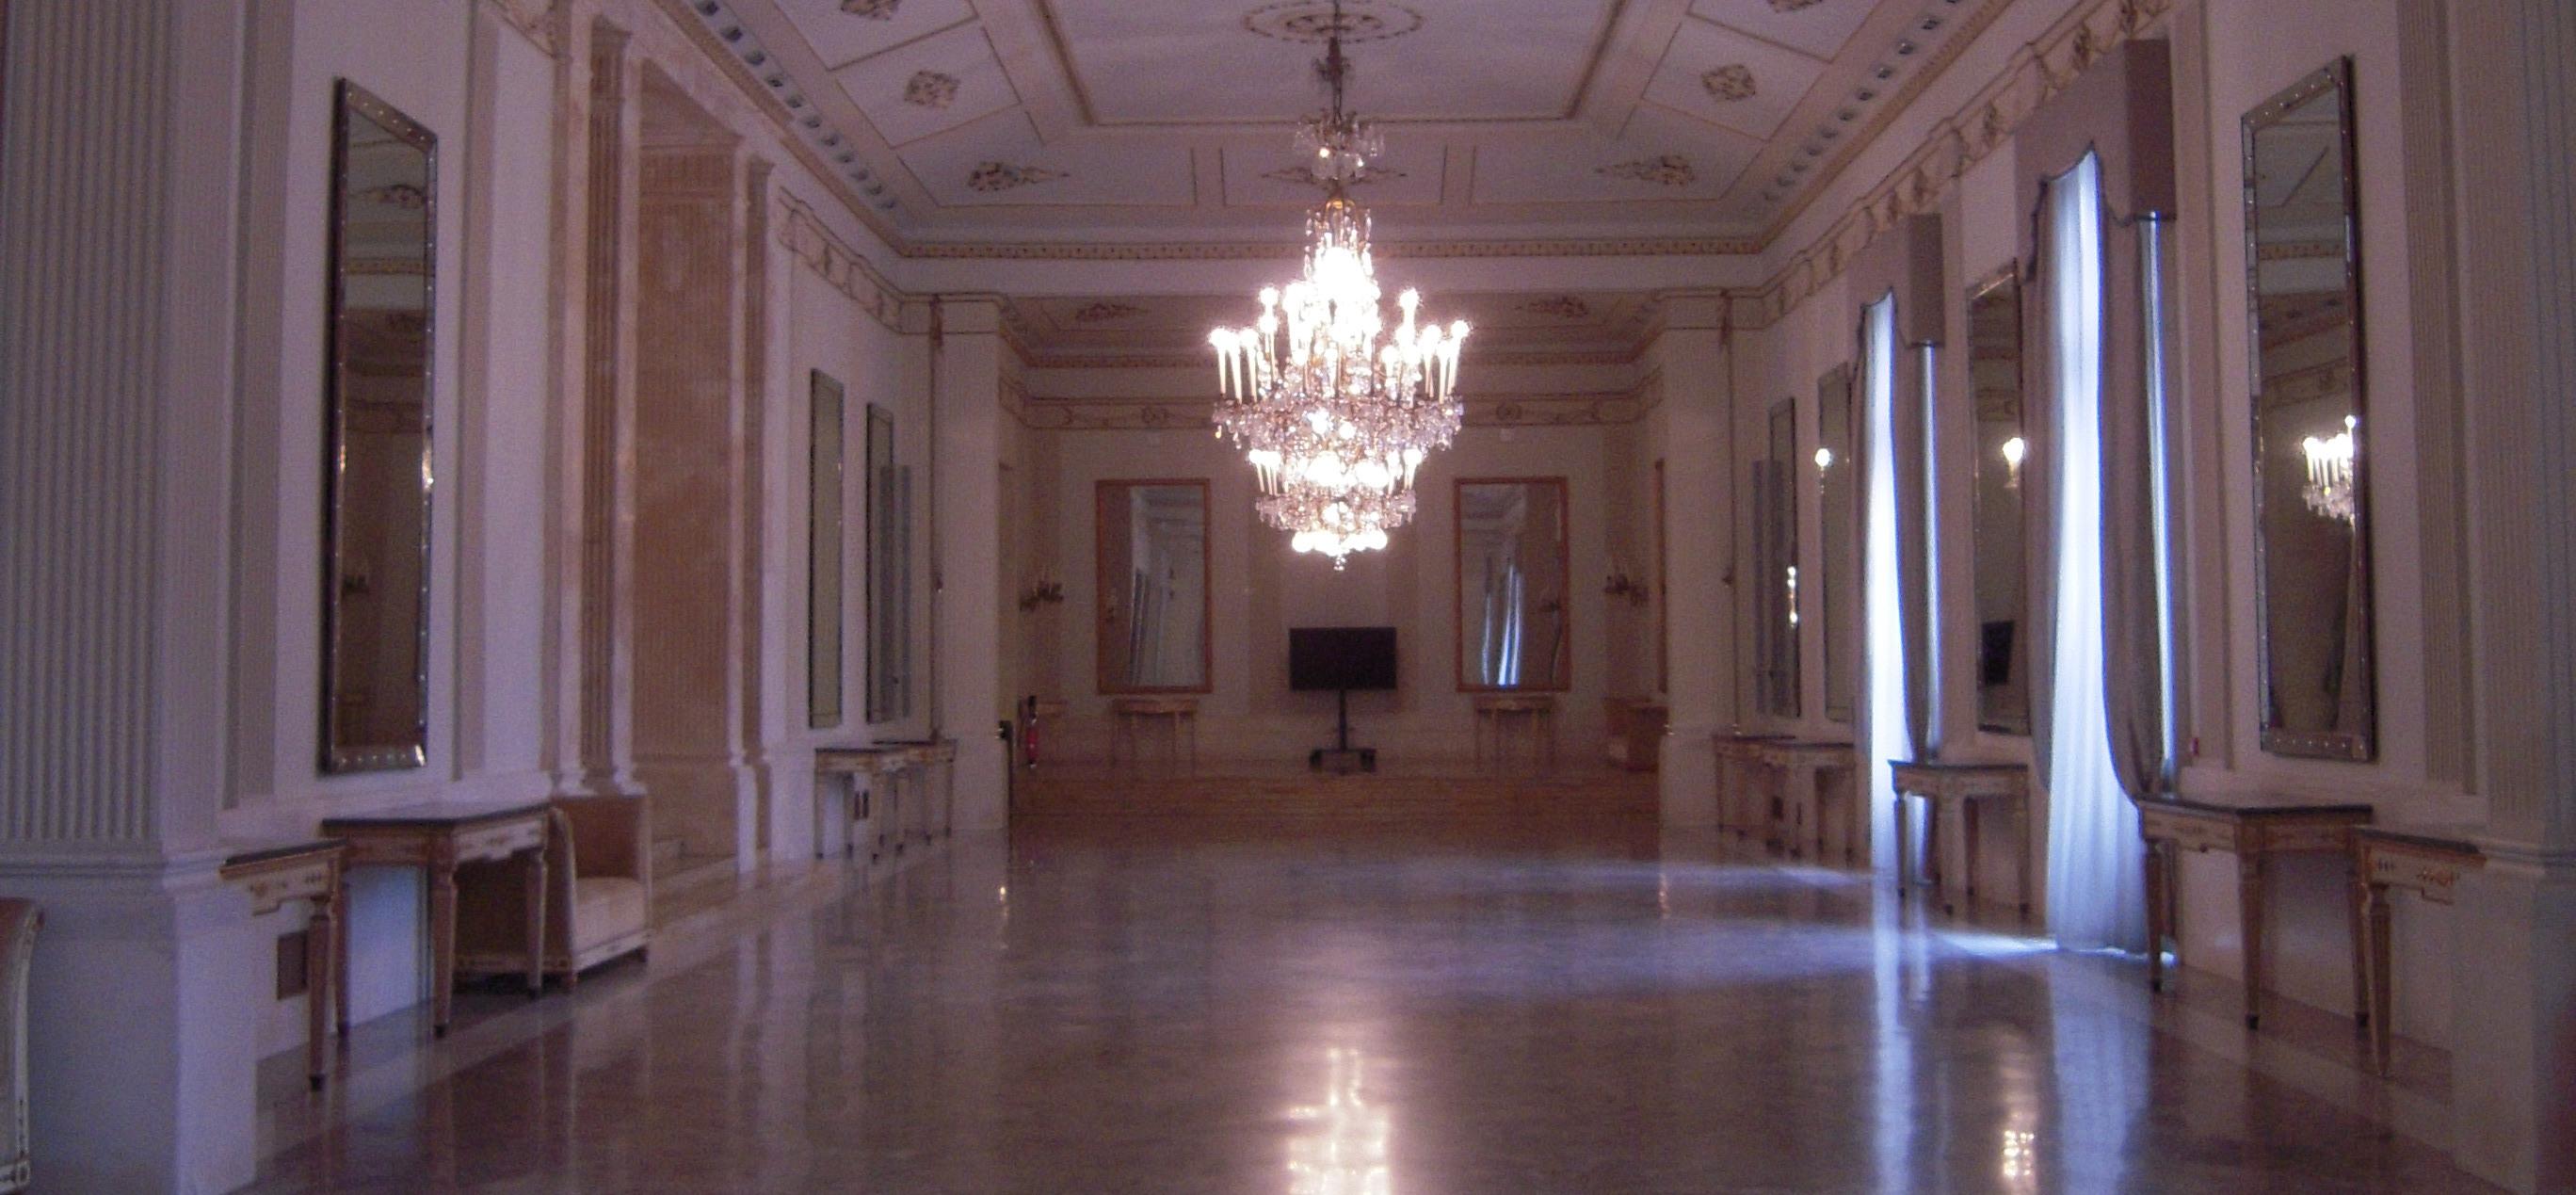 Teatro di san carlo salone degli specchi for Foto di saloni